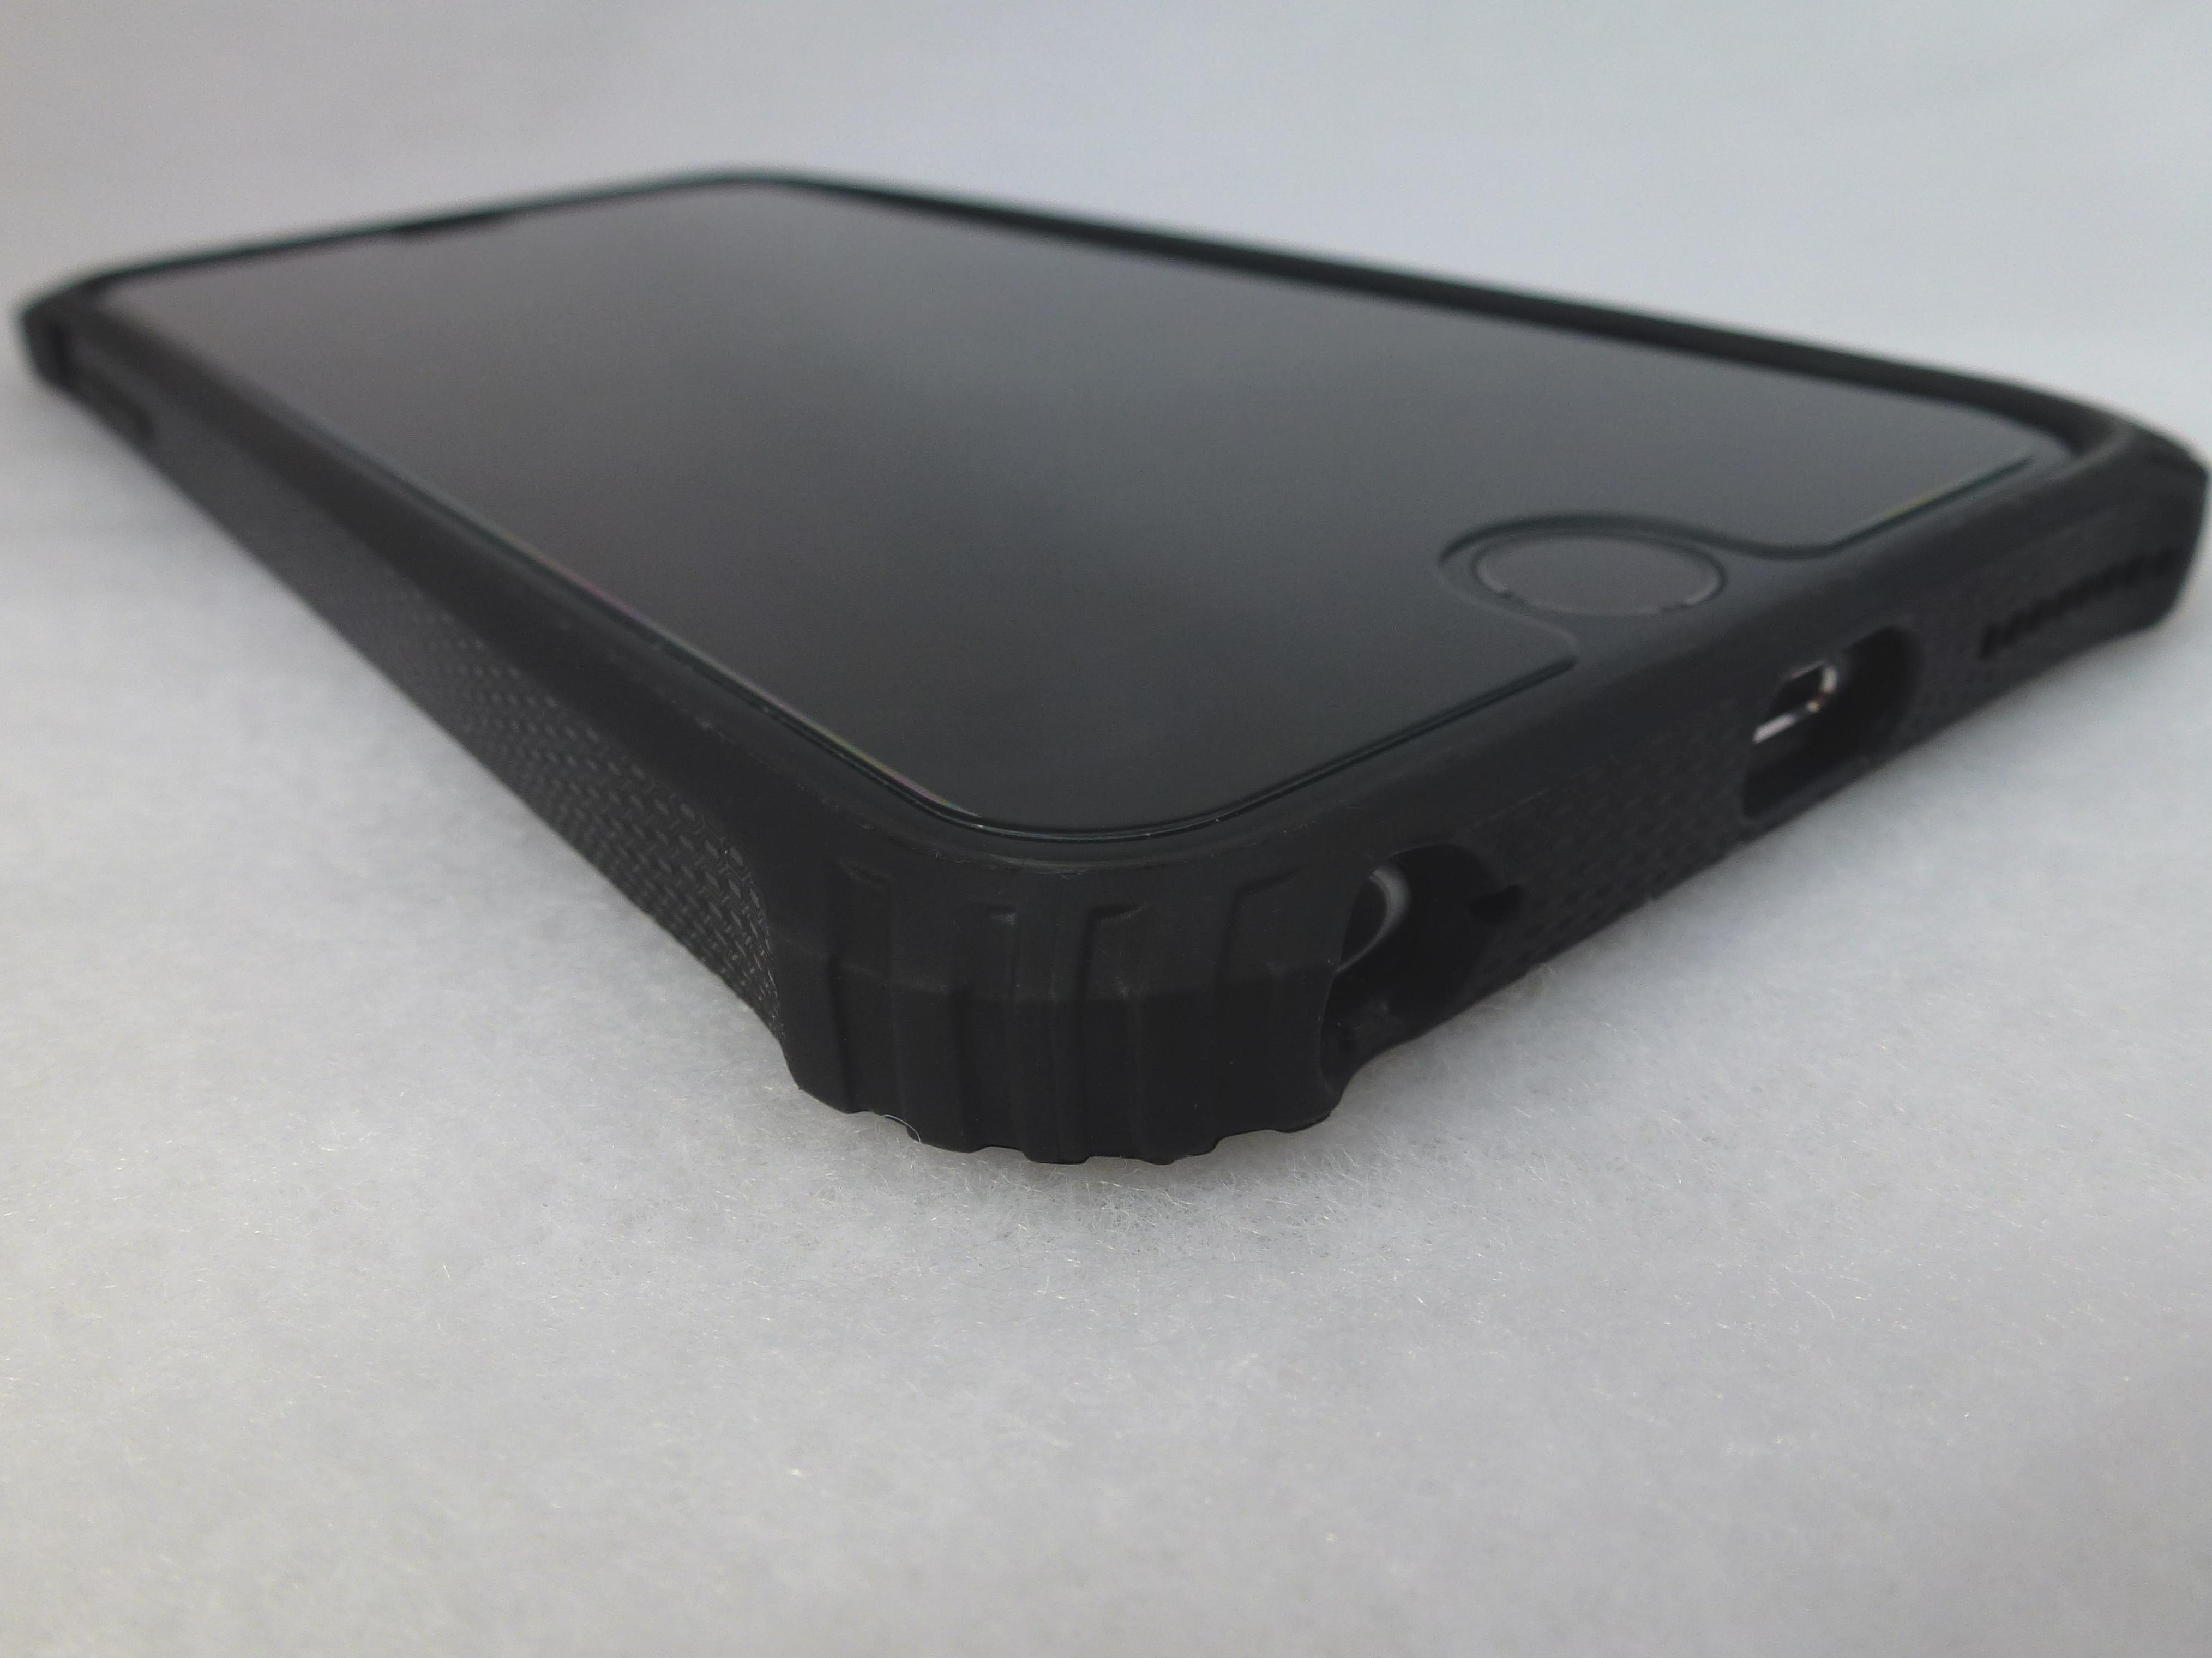 finest selection 1712b 44b30 Review: Griffin Survivor Core for iPhone 6 Plus-Impressive! - Tech ...